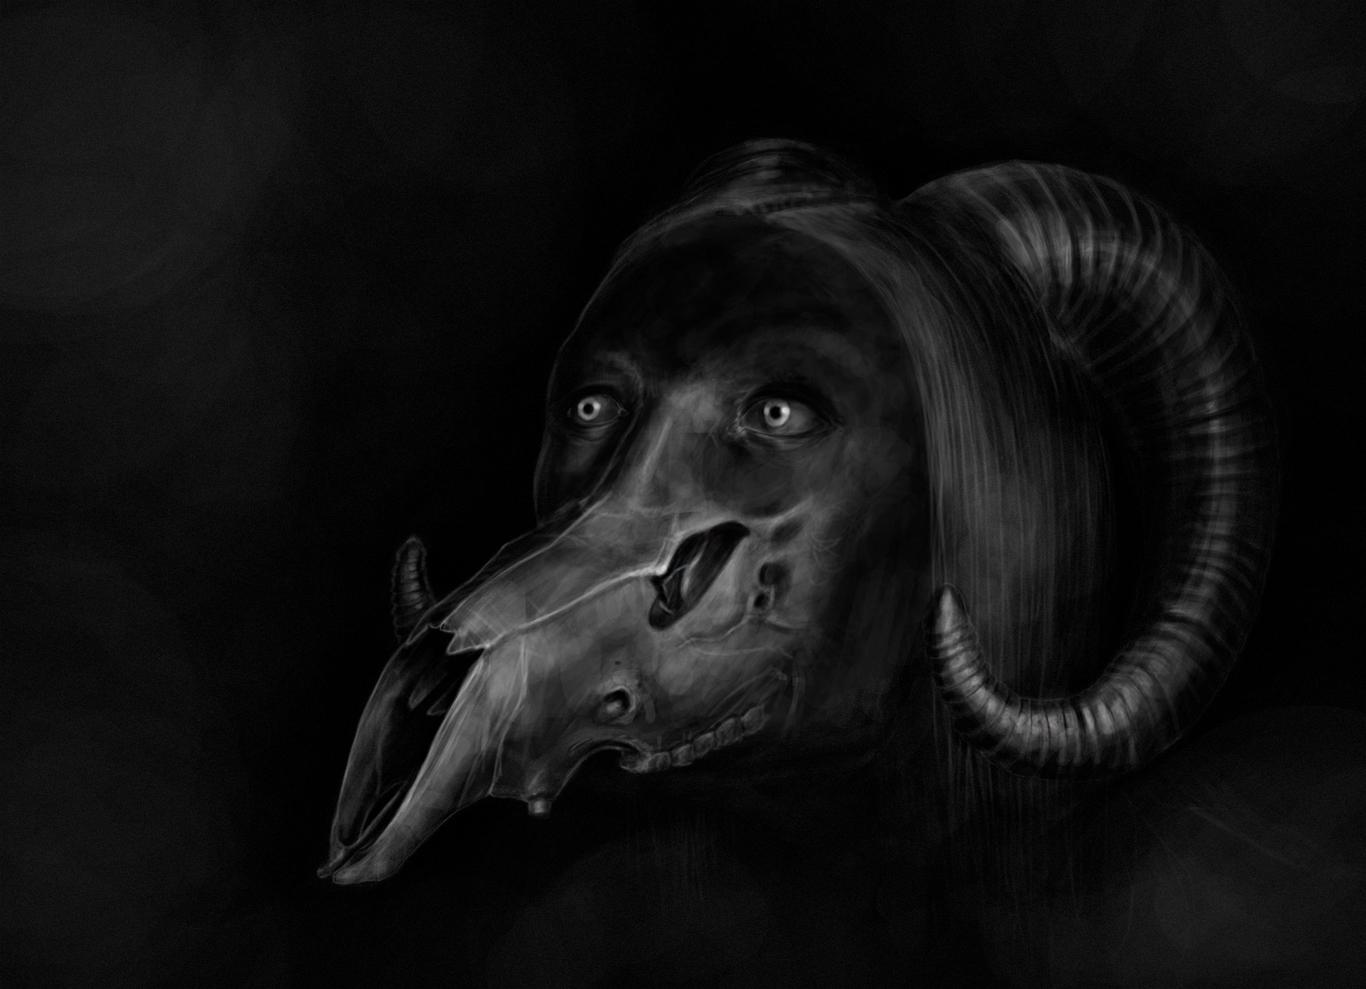 A creature.